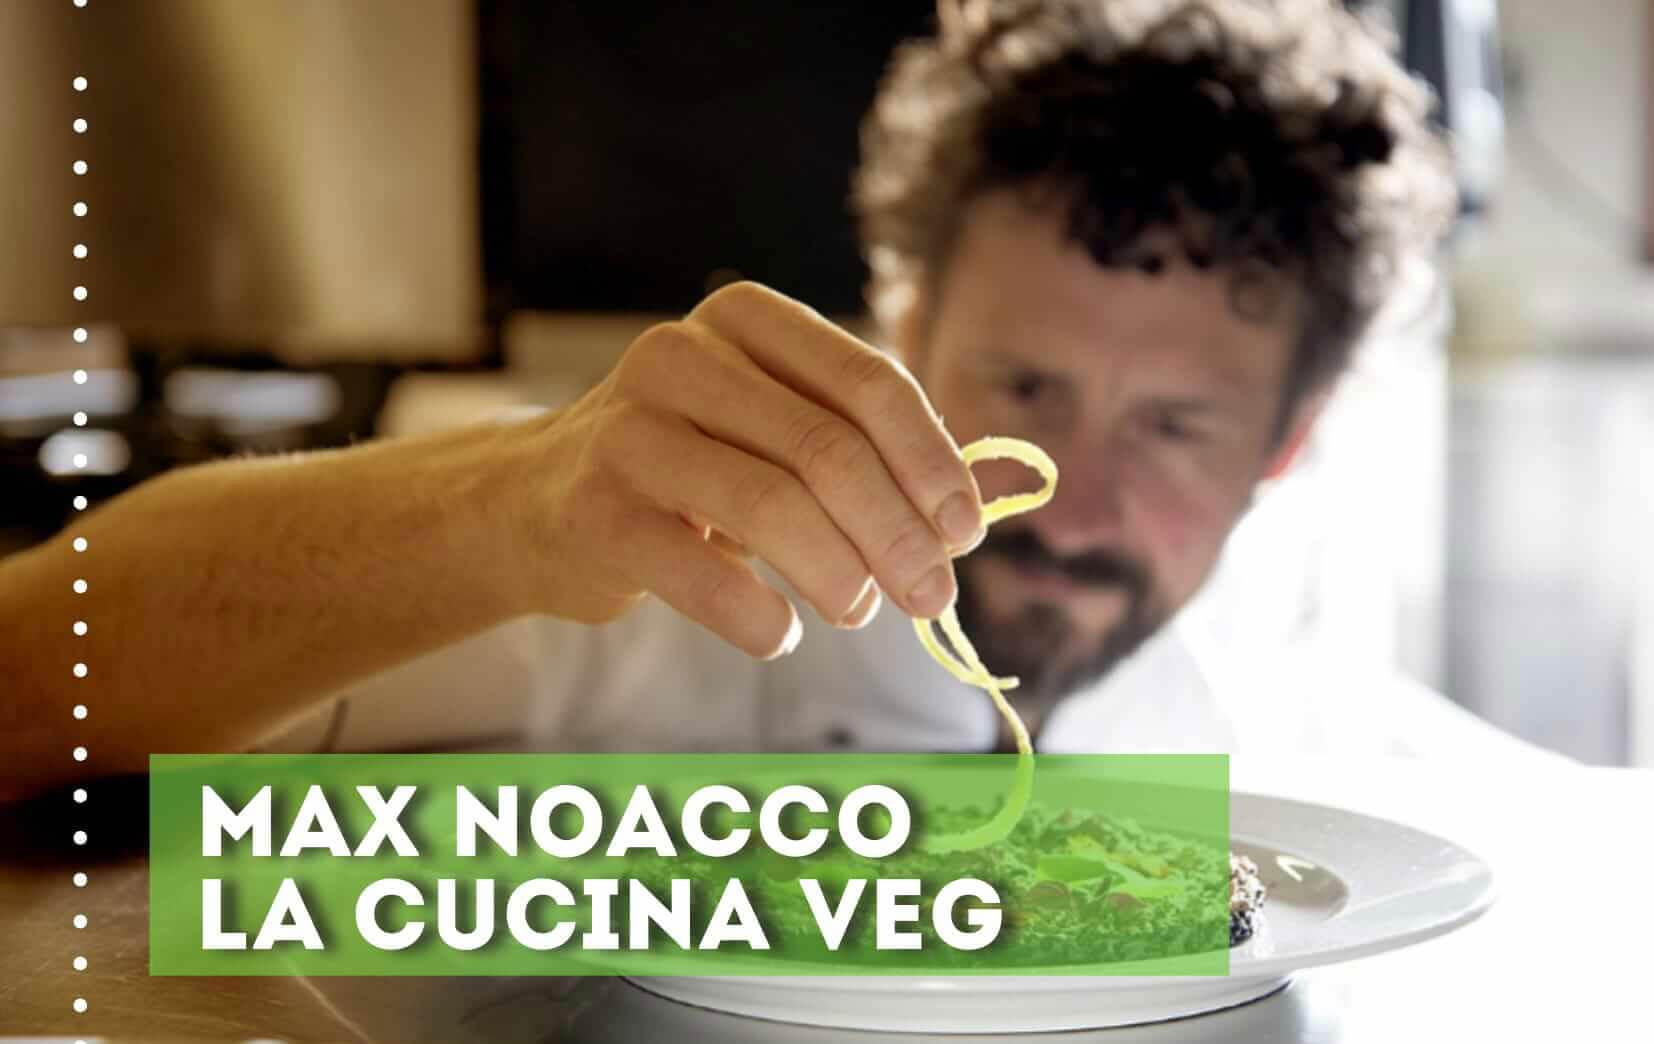 Max Noacco la cucina veg